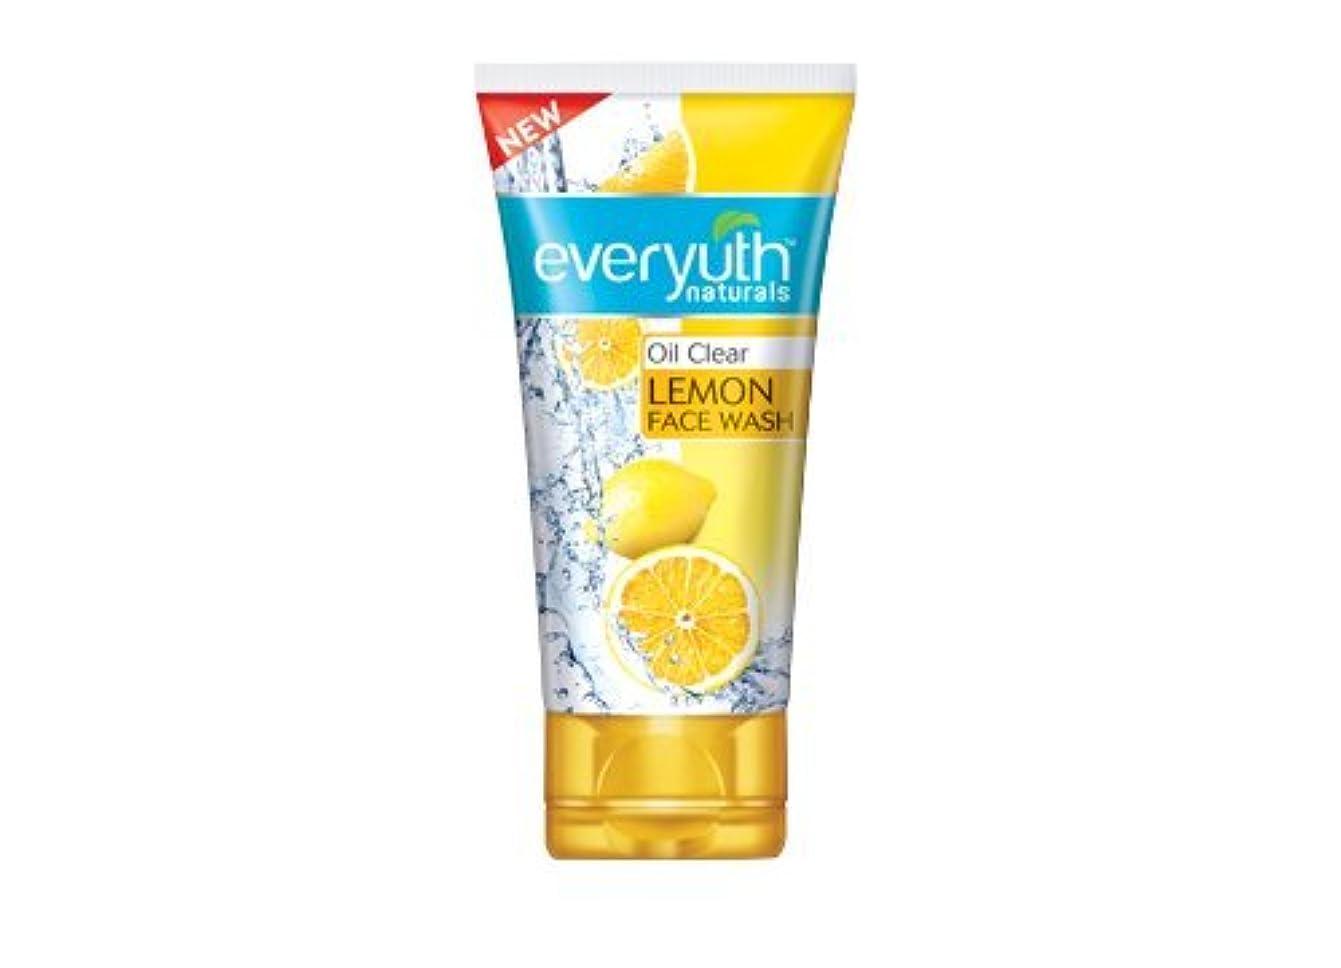 ふりをする死の顎不変Everyuth Naturals Oil Clear Lemon Face Wash 50Gm (1 Pack)